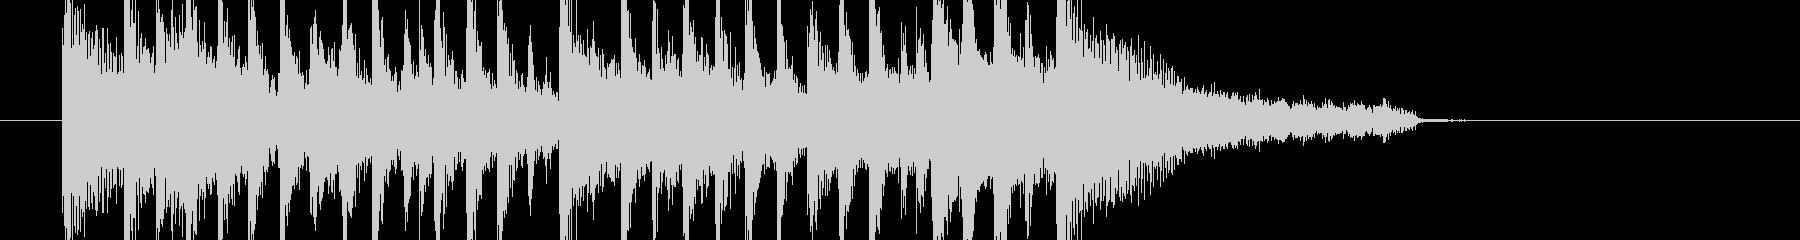 爽快なアコギのジングルの未再生の波形